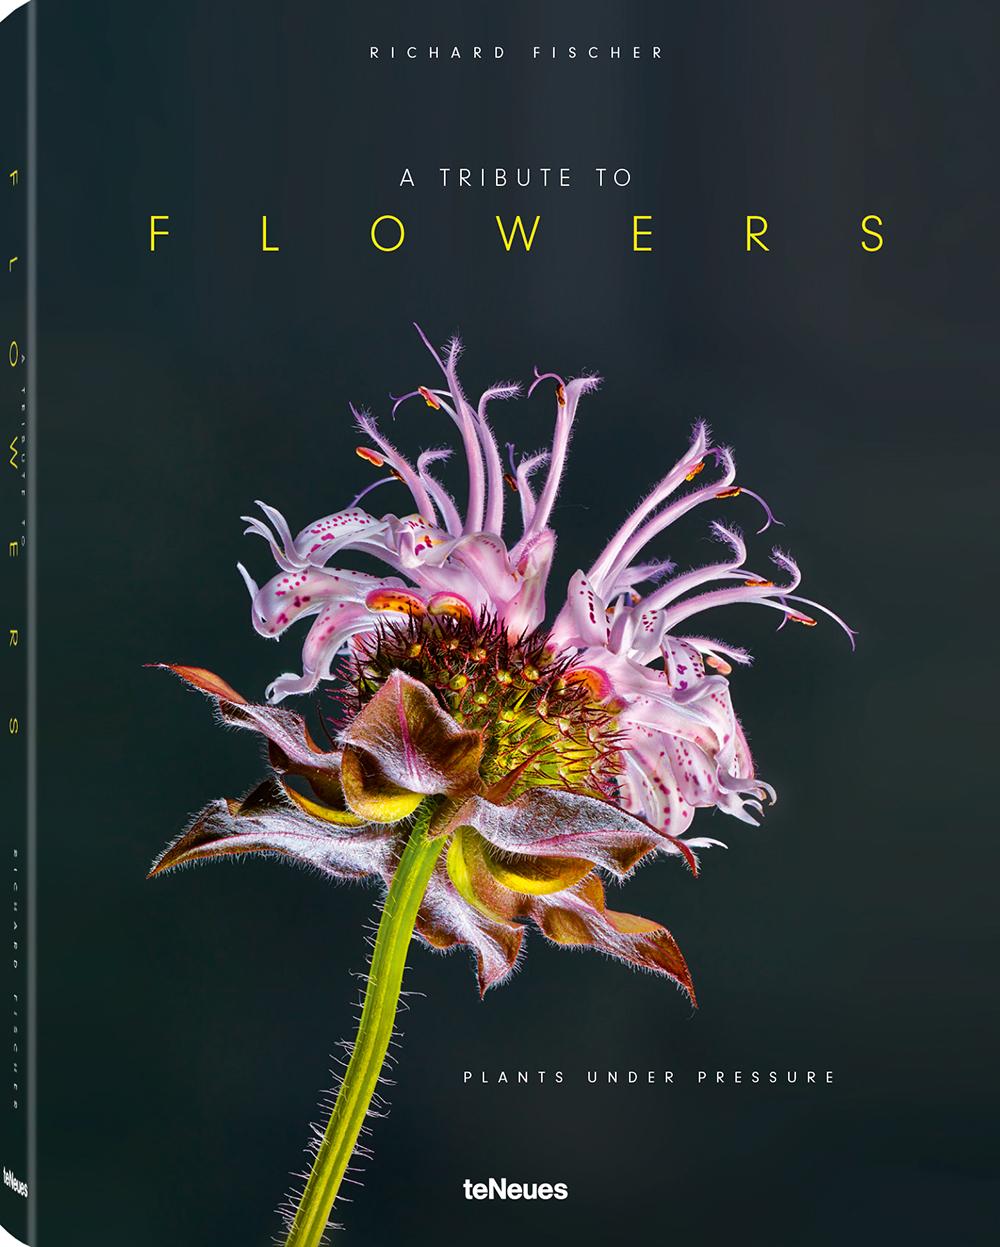 © A Tribute to Flowers - Plants under Pressure von Richard Fischer, erschienn bei teNeues, € 40,   www.teneues.com